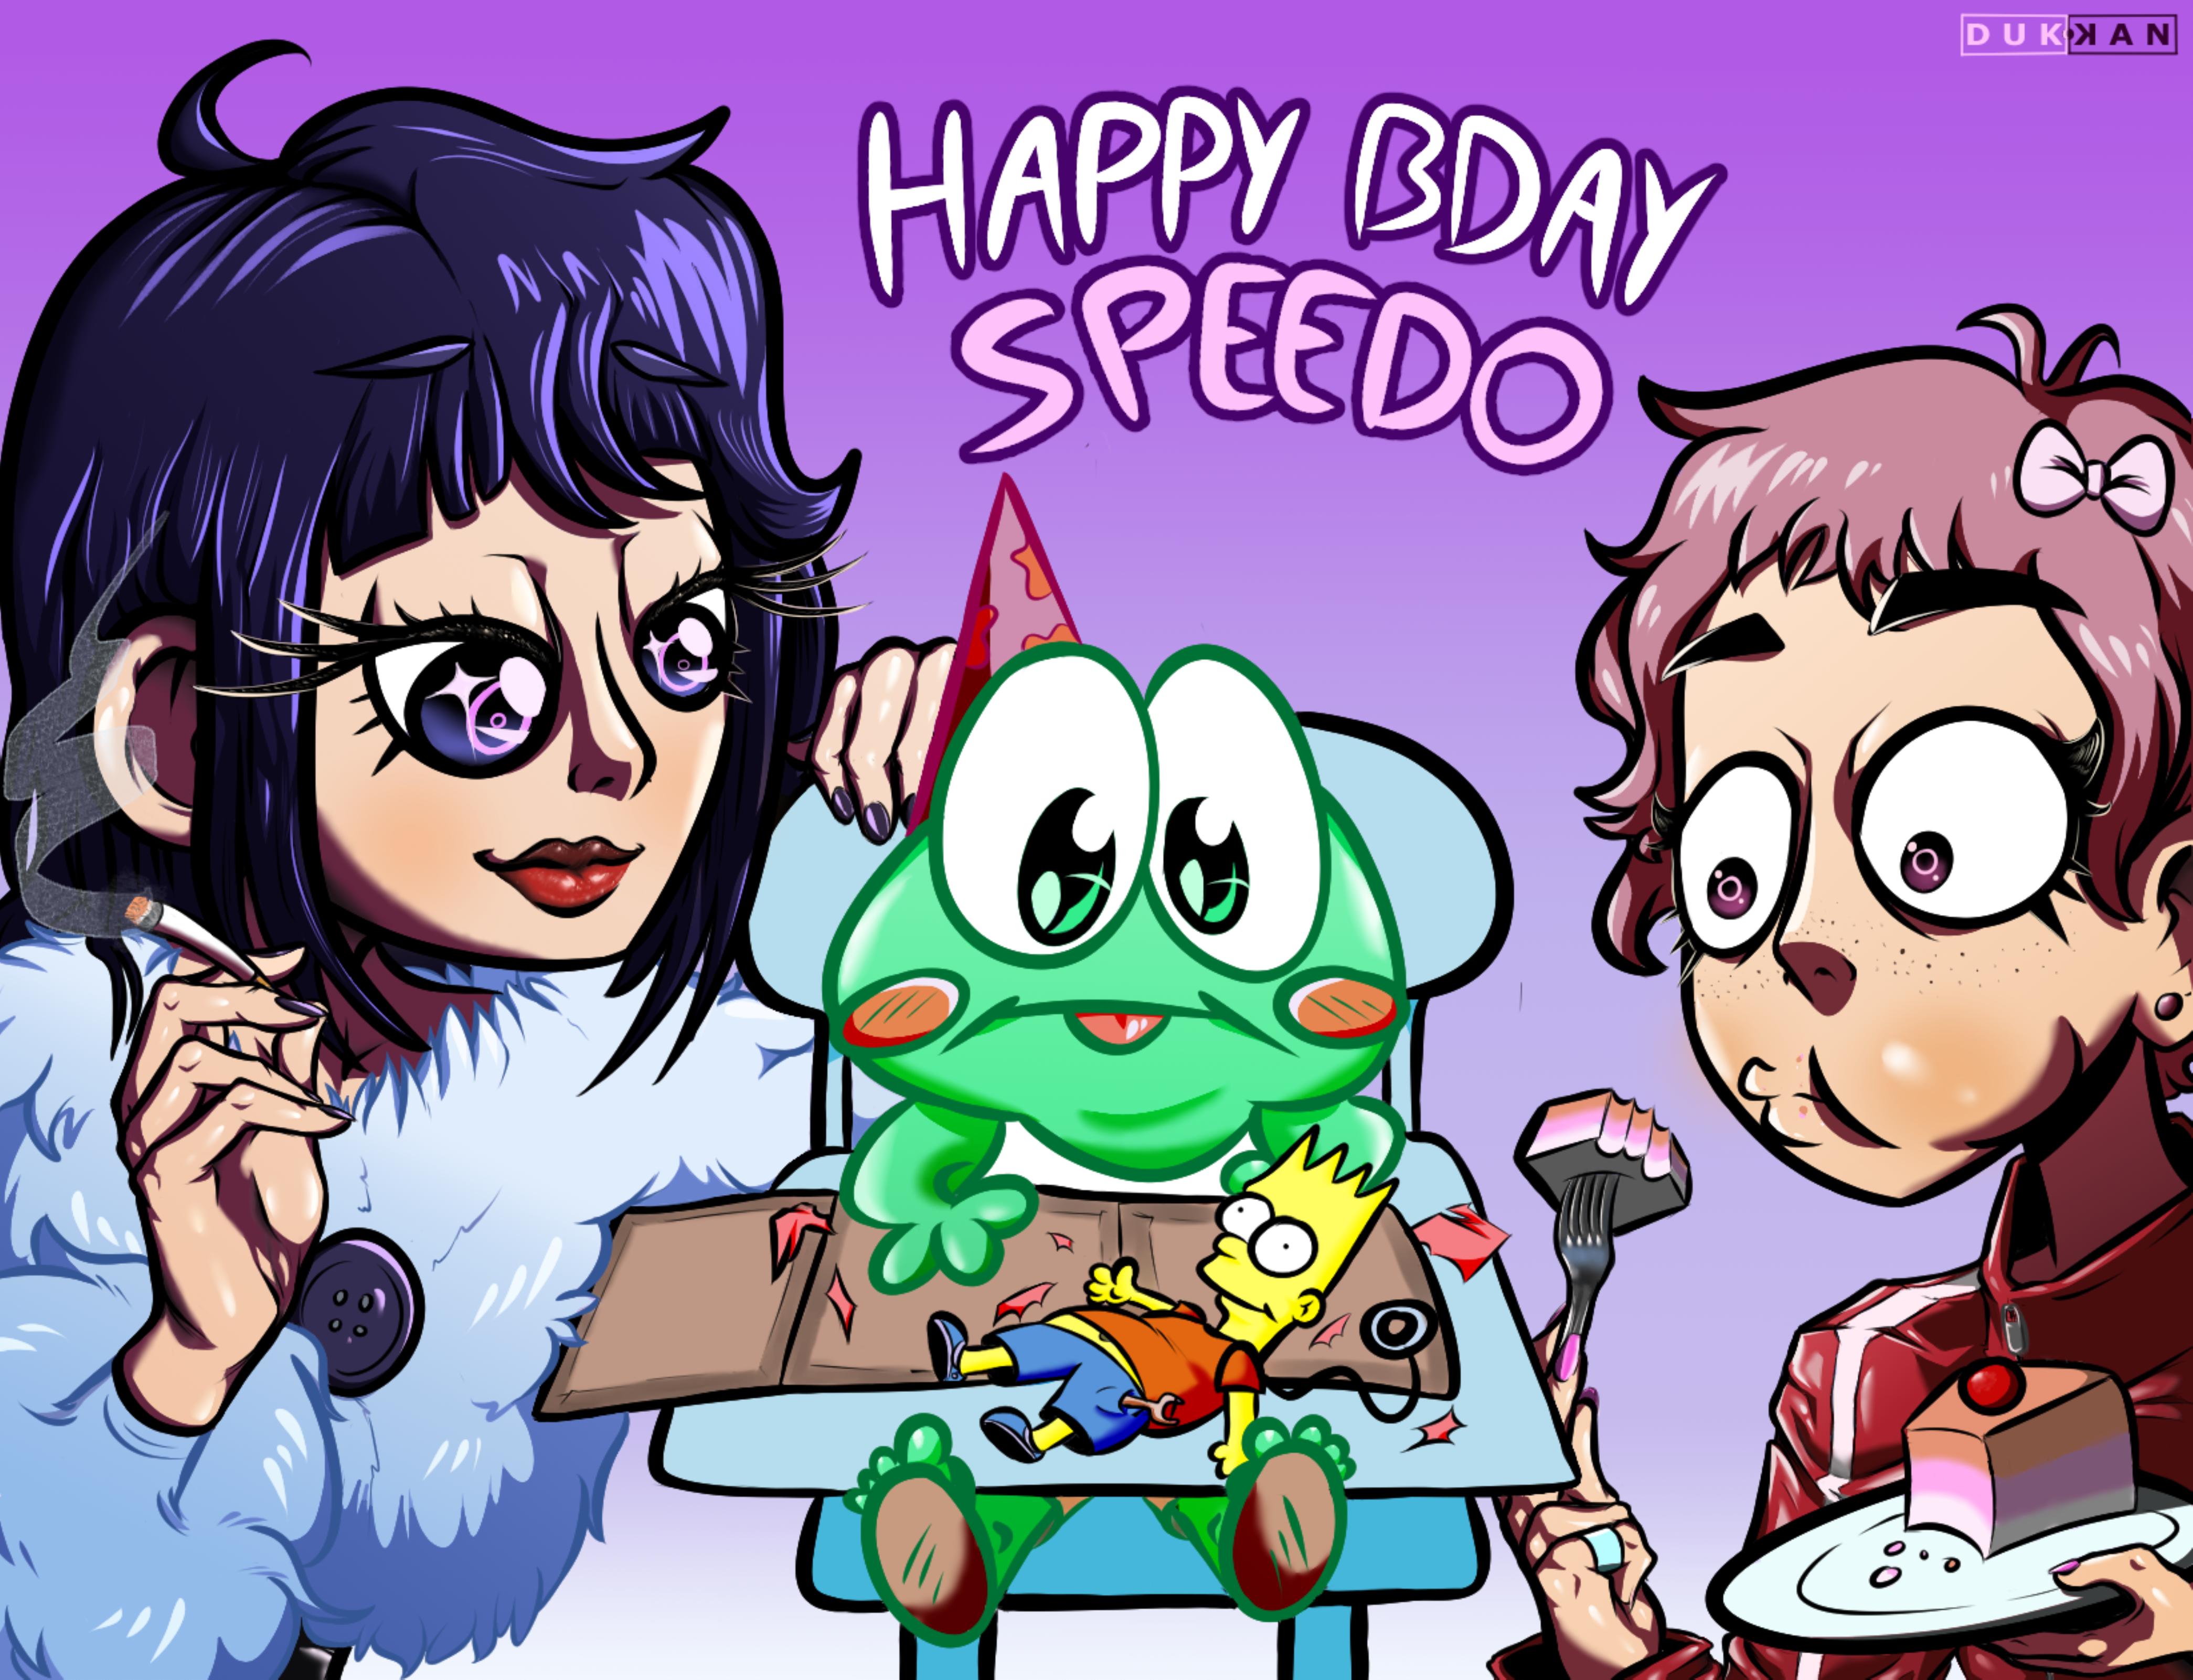 Speedo's (late) Bday